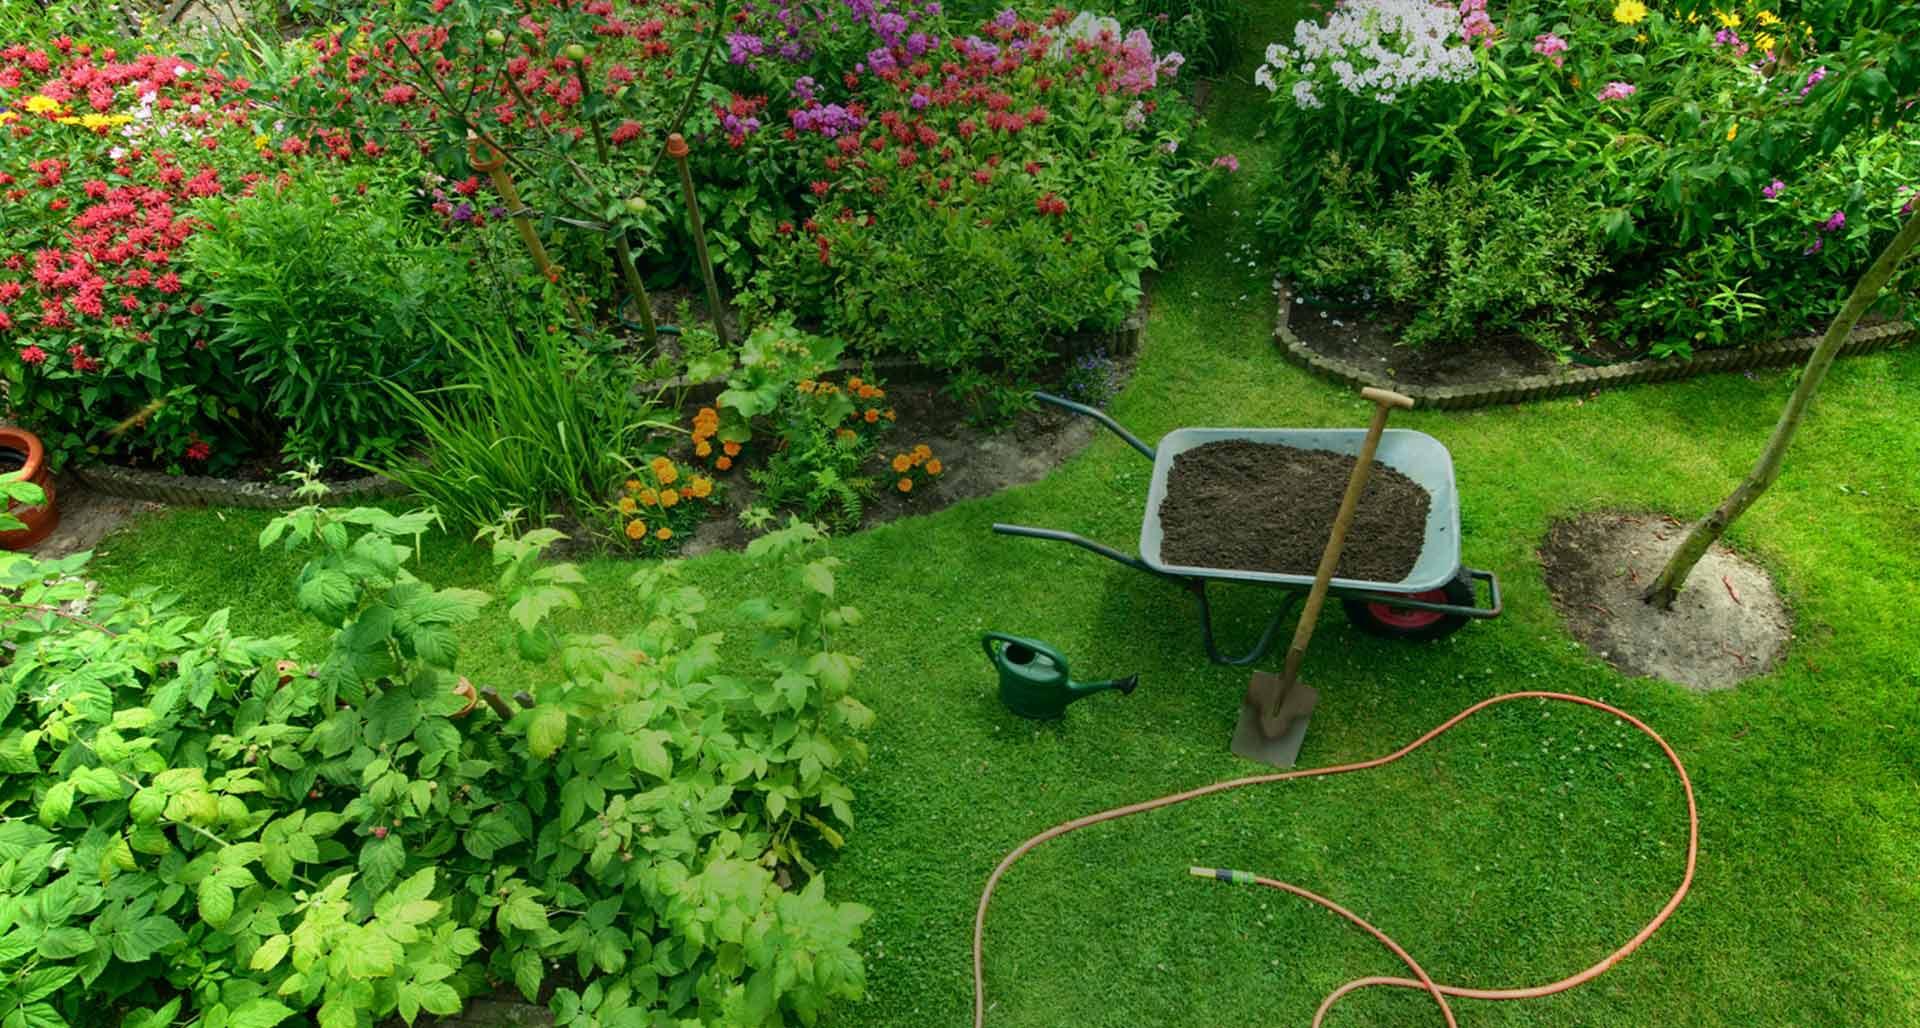 Jardineries Truffaut : Spécialiste Jardin, Animaux, Maison ... dedans Truffaut Abri De Jardin